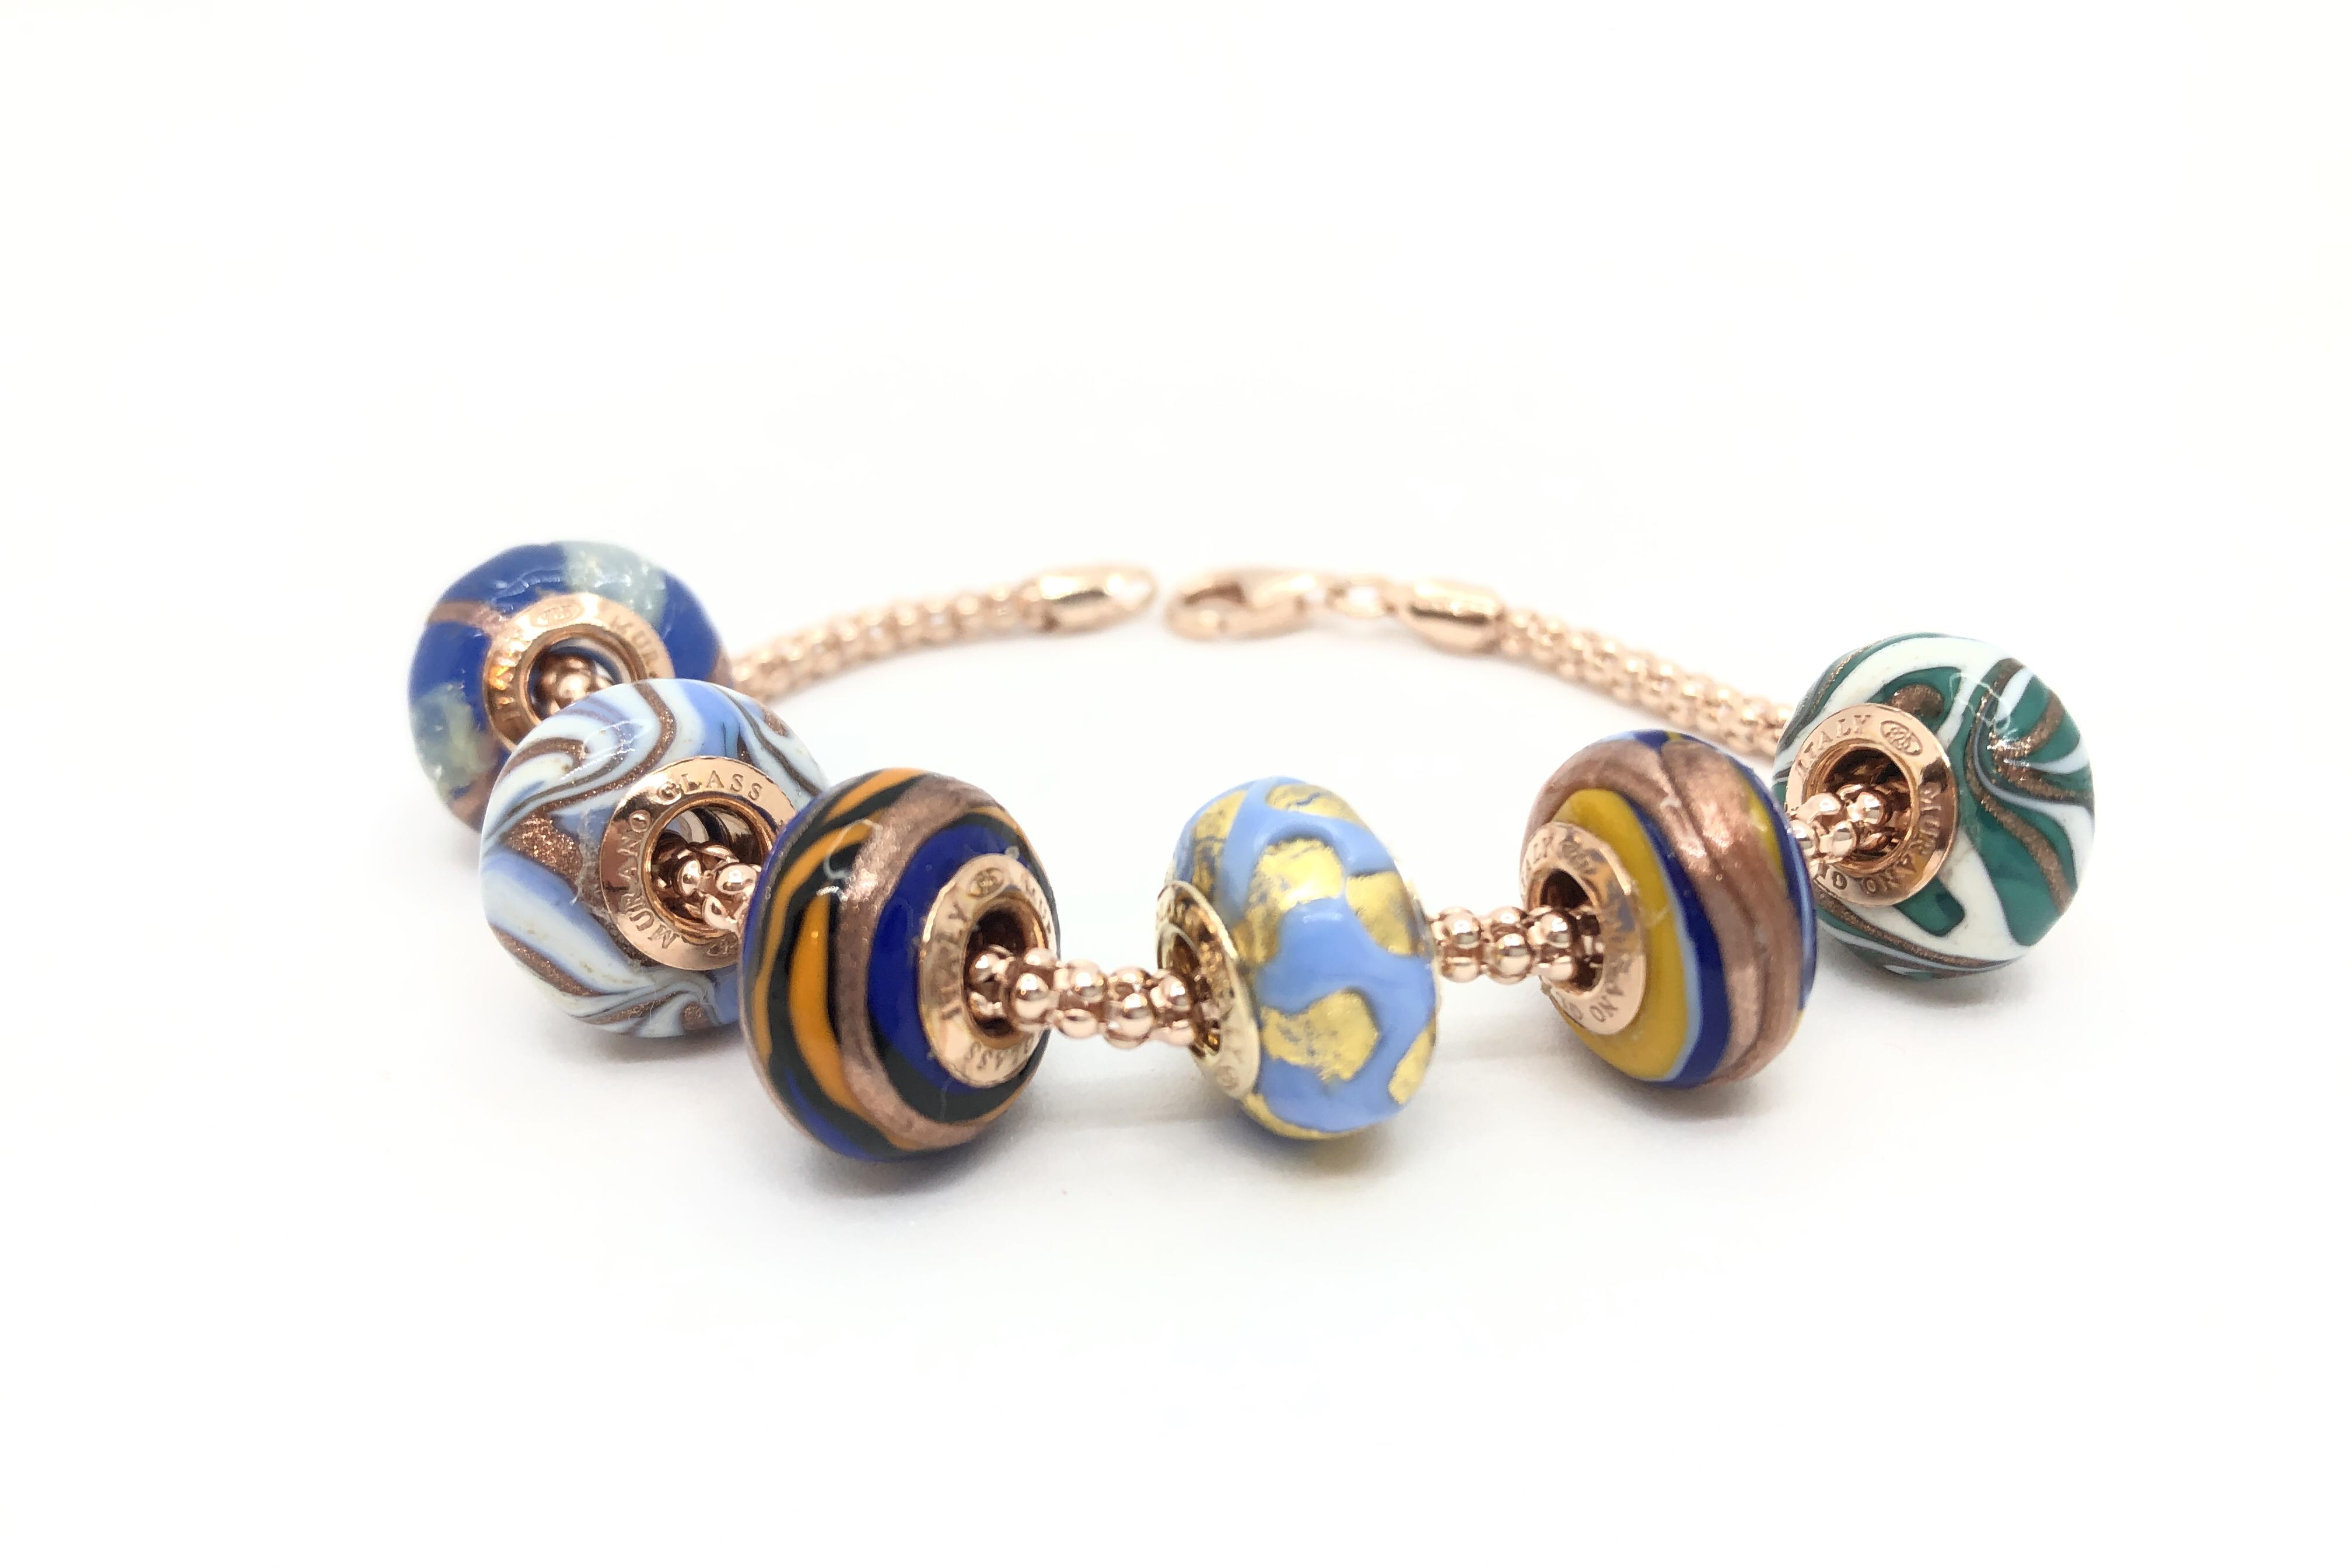 Bracciale completo di Perle artigianali